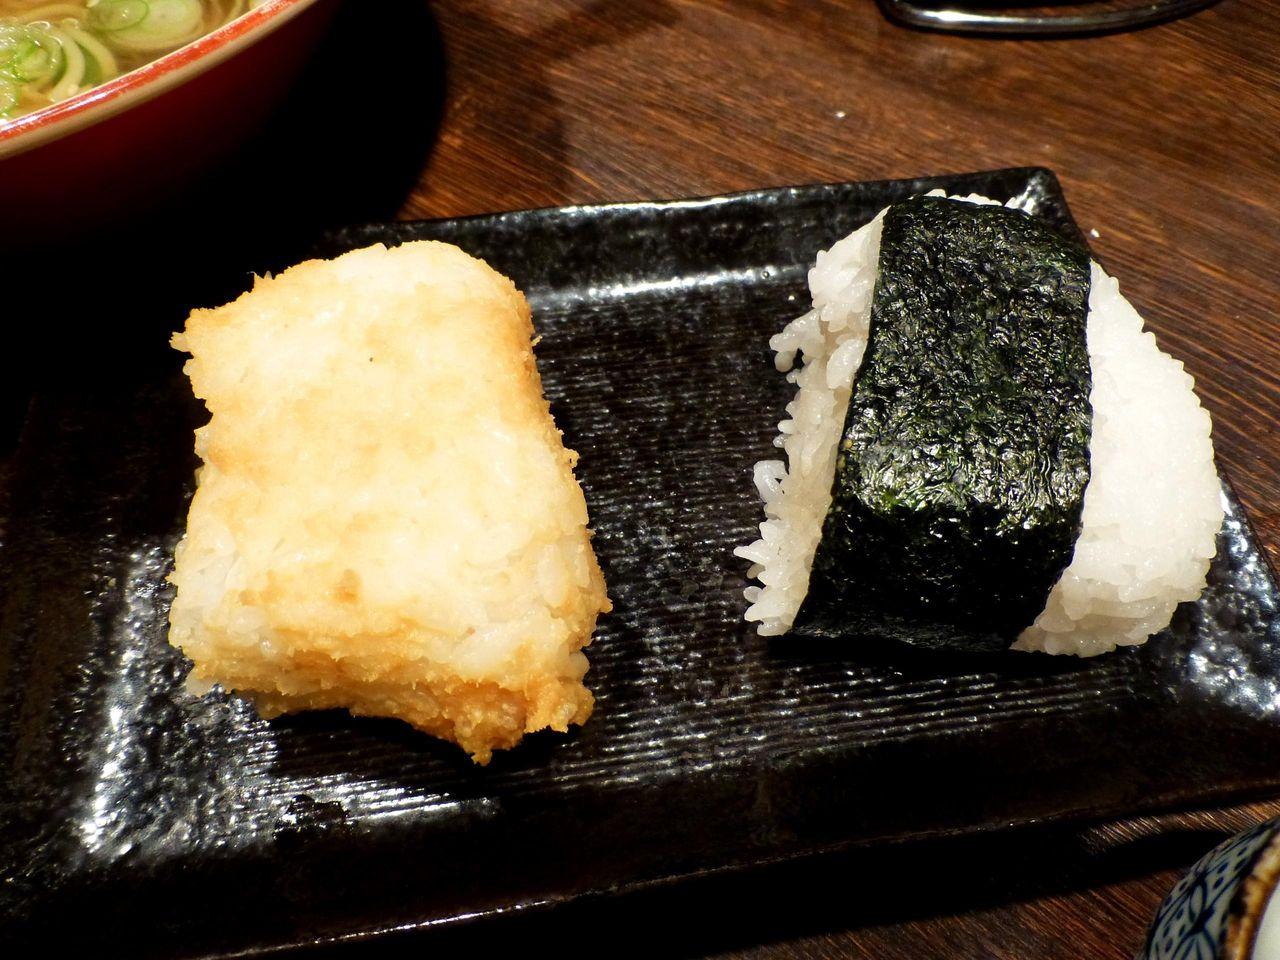 米どろこ新潟のご飯は、とても美味しい!